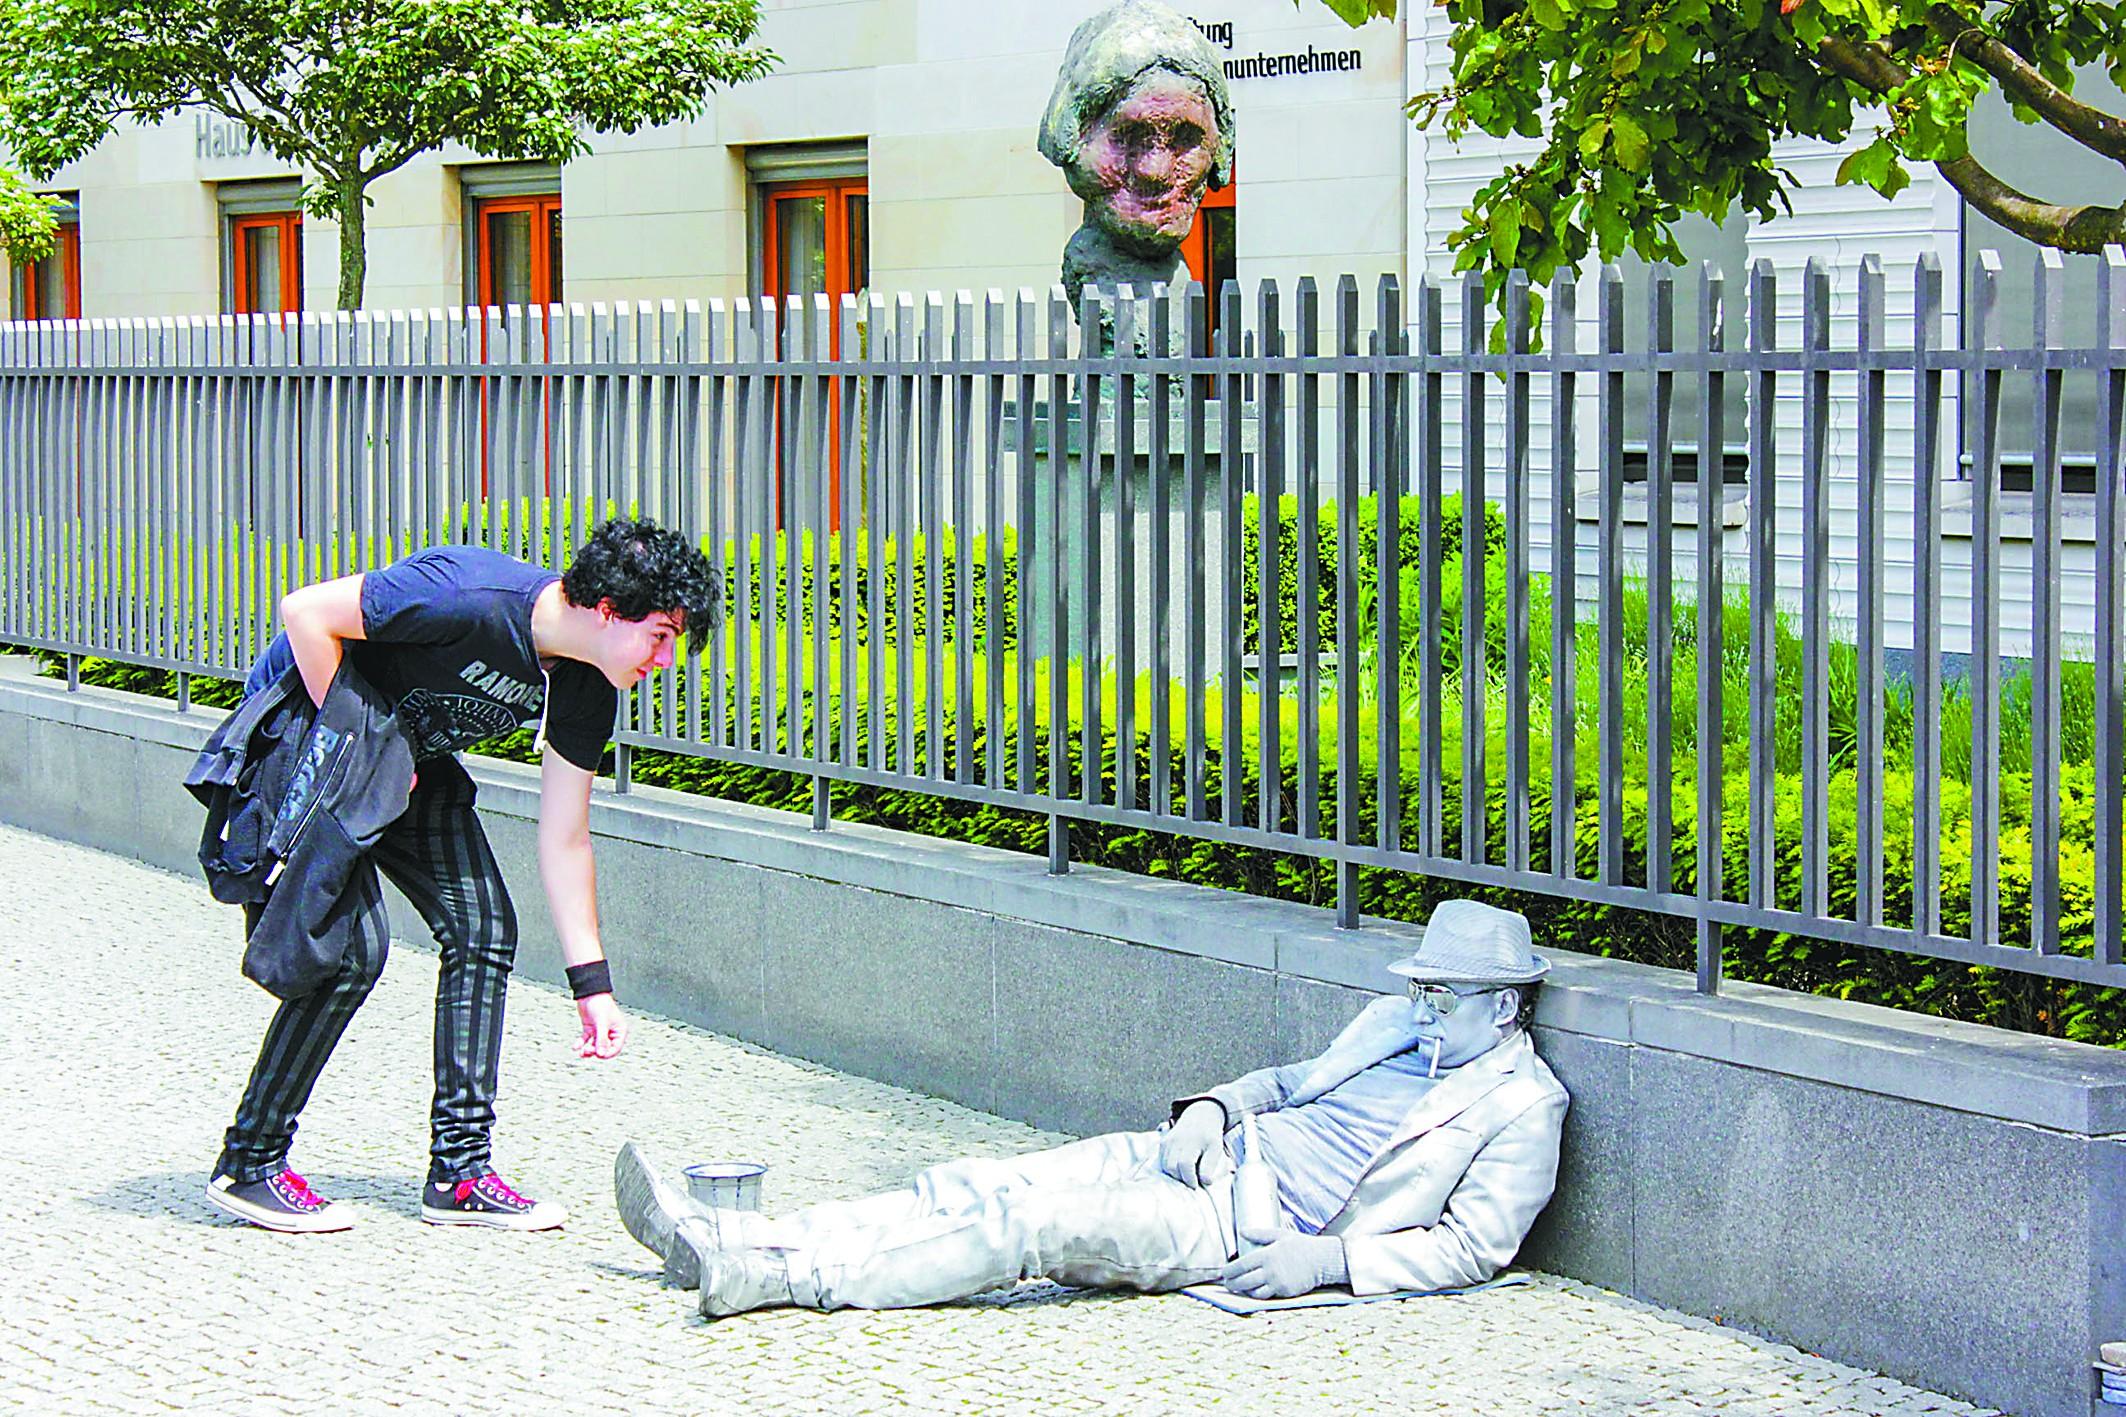 在柏林遭遇少年行骗团伙